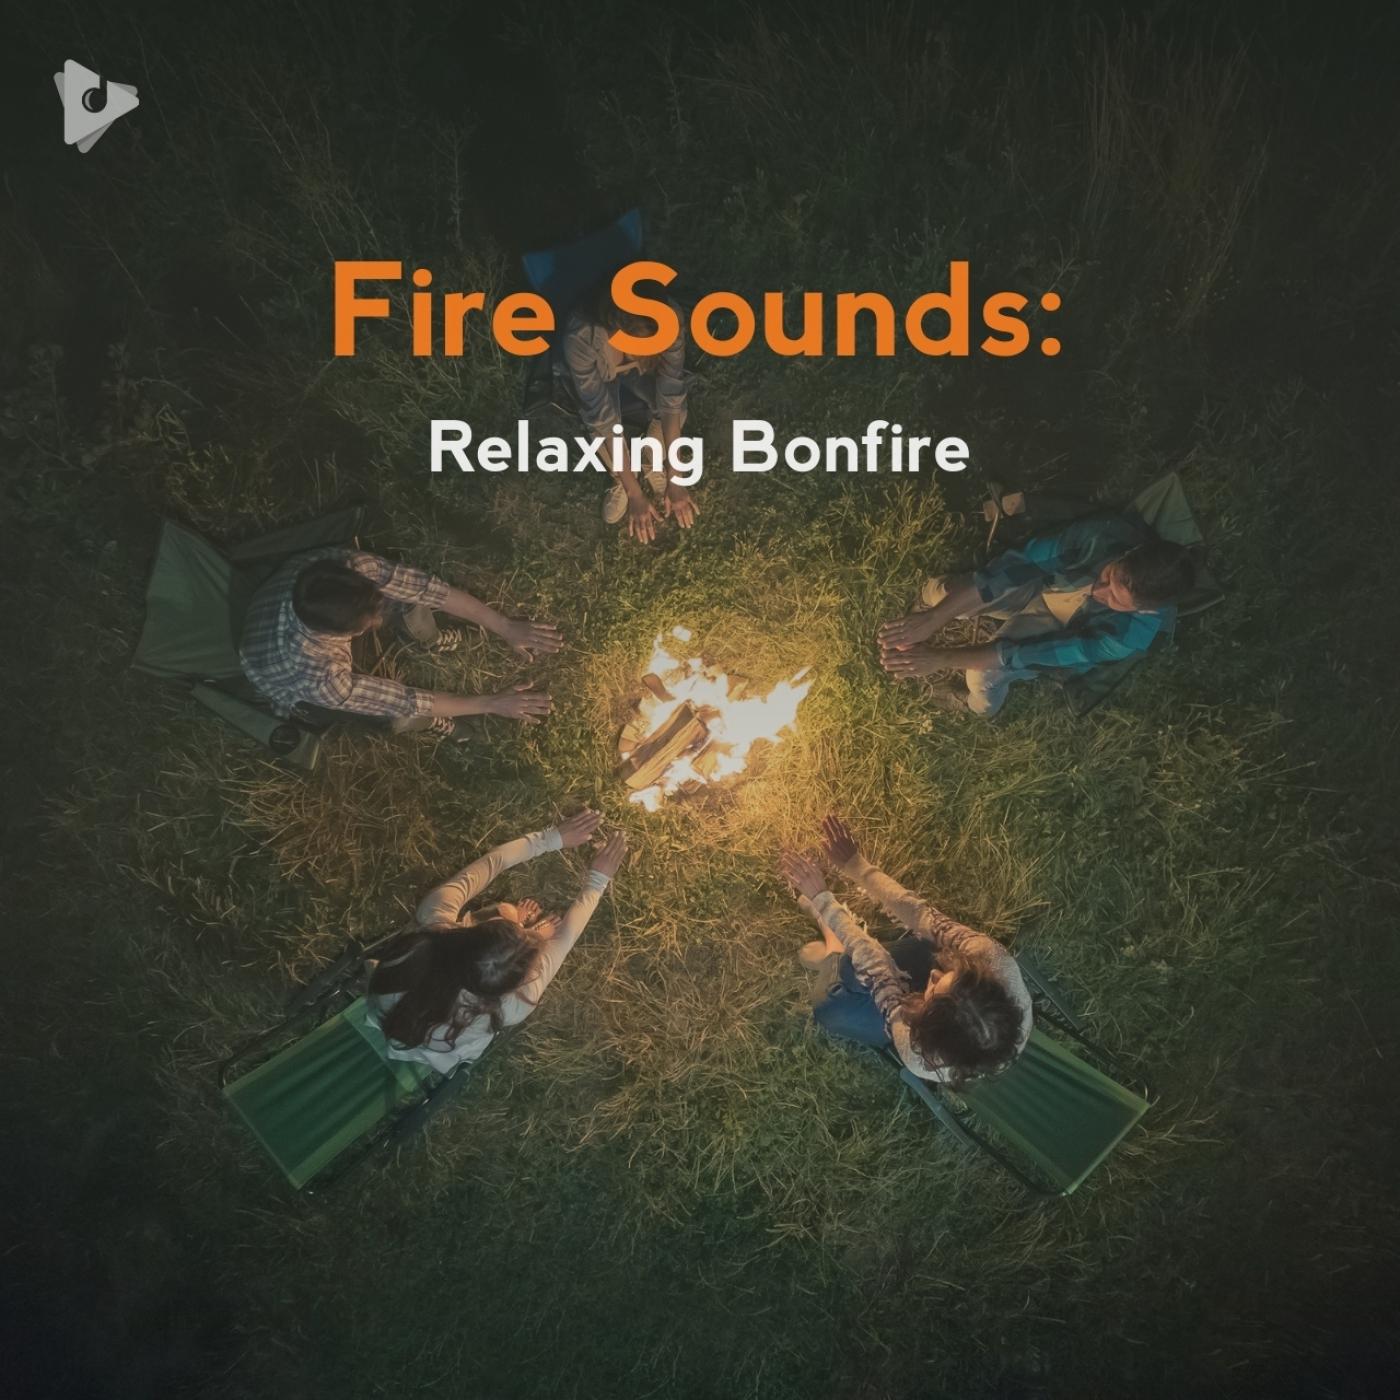 Fire Sounds: Relaxing Bonfire